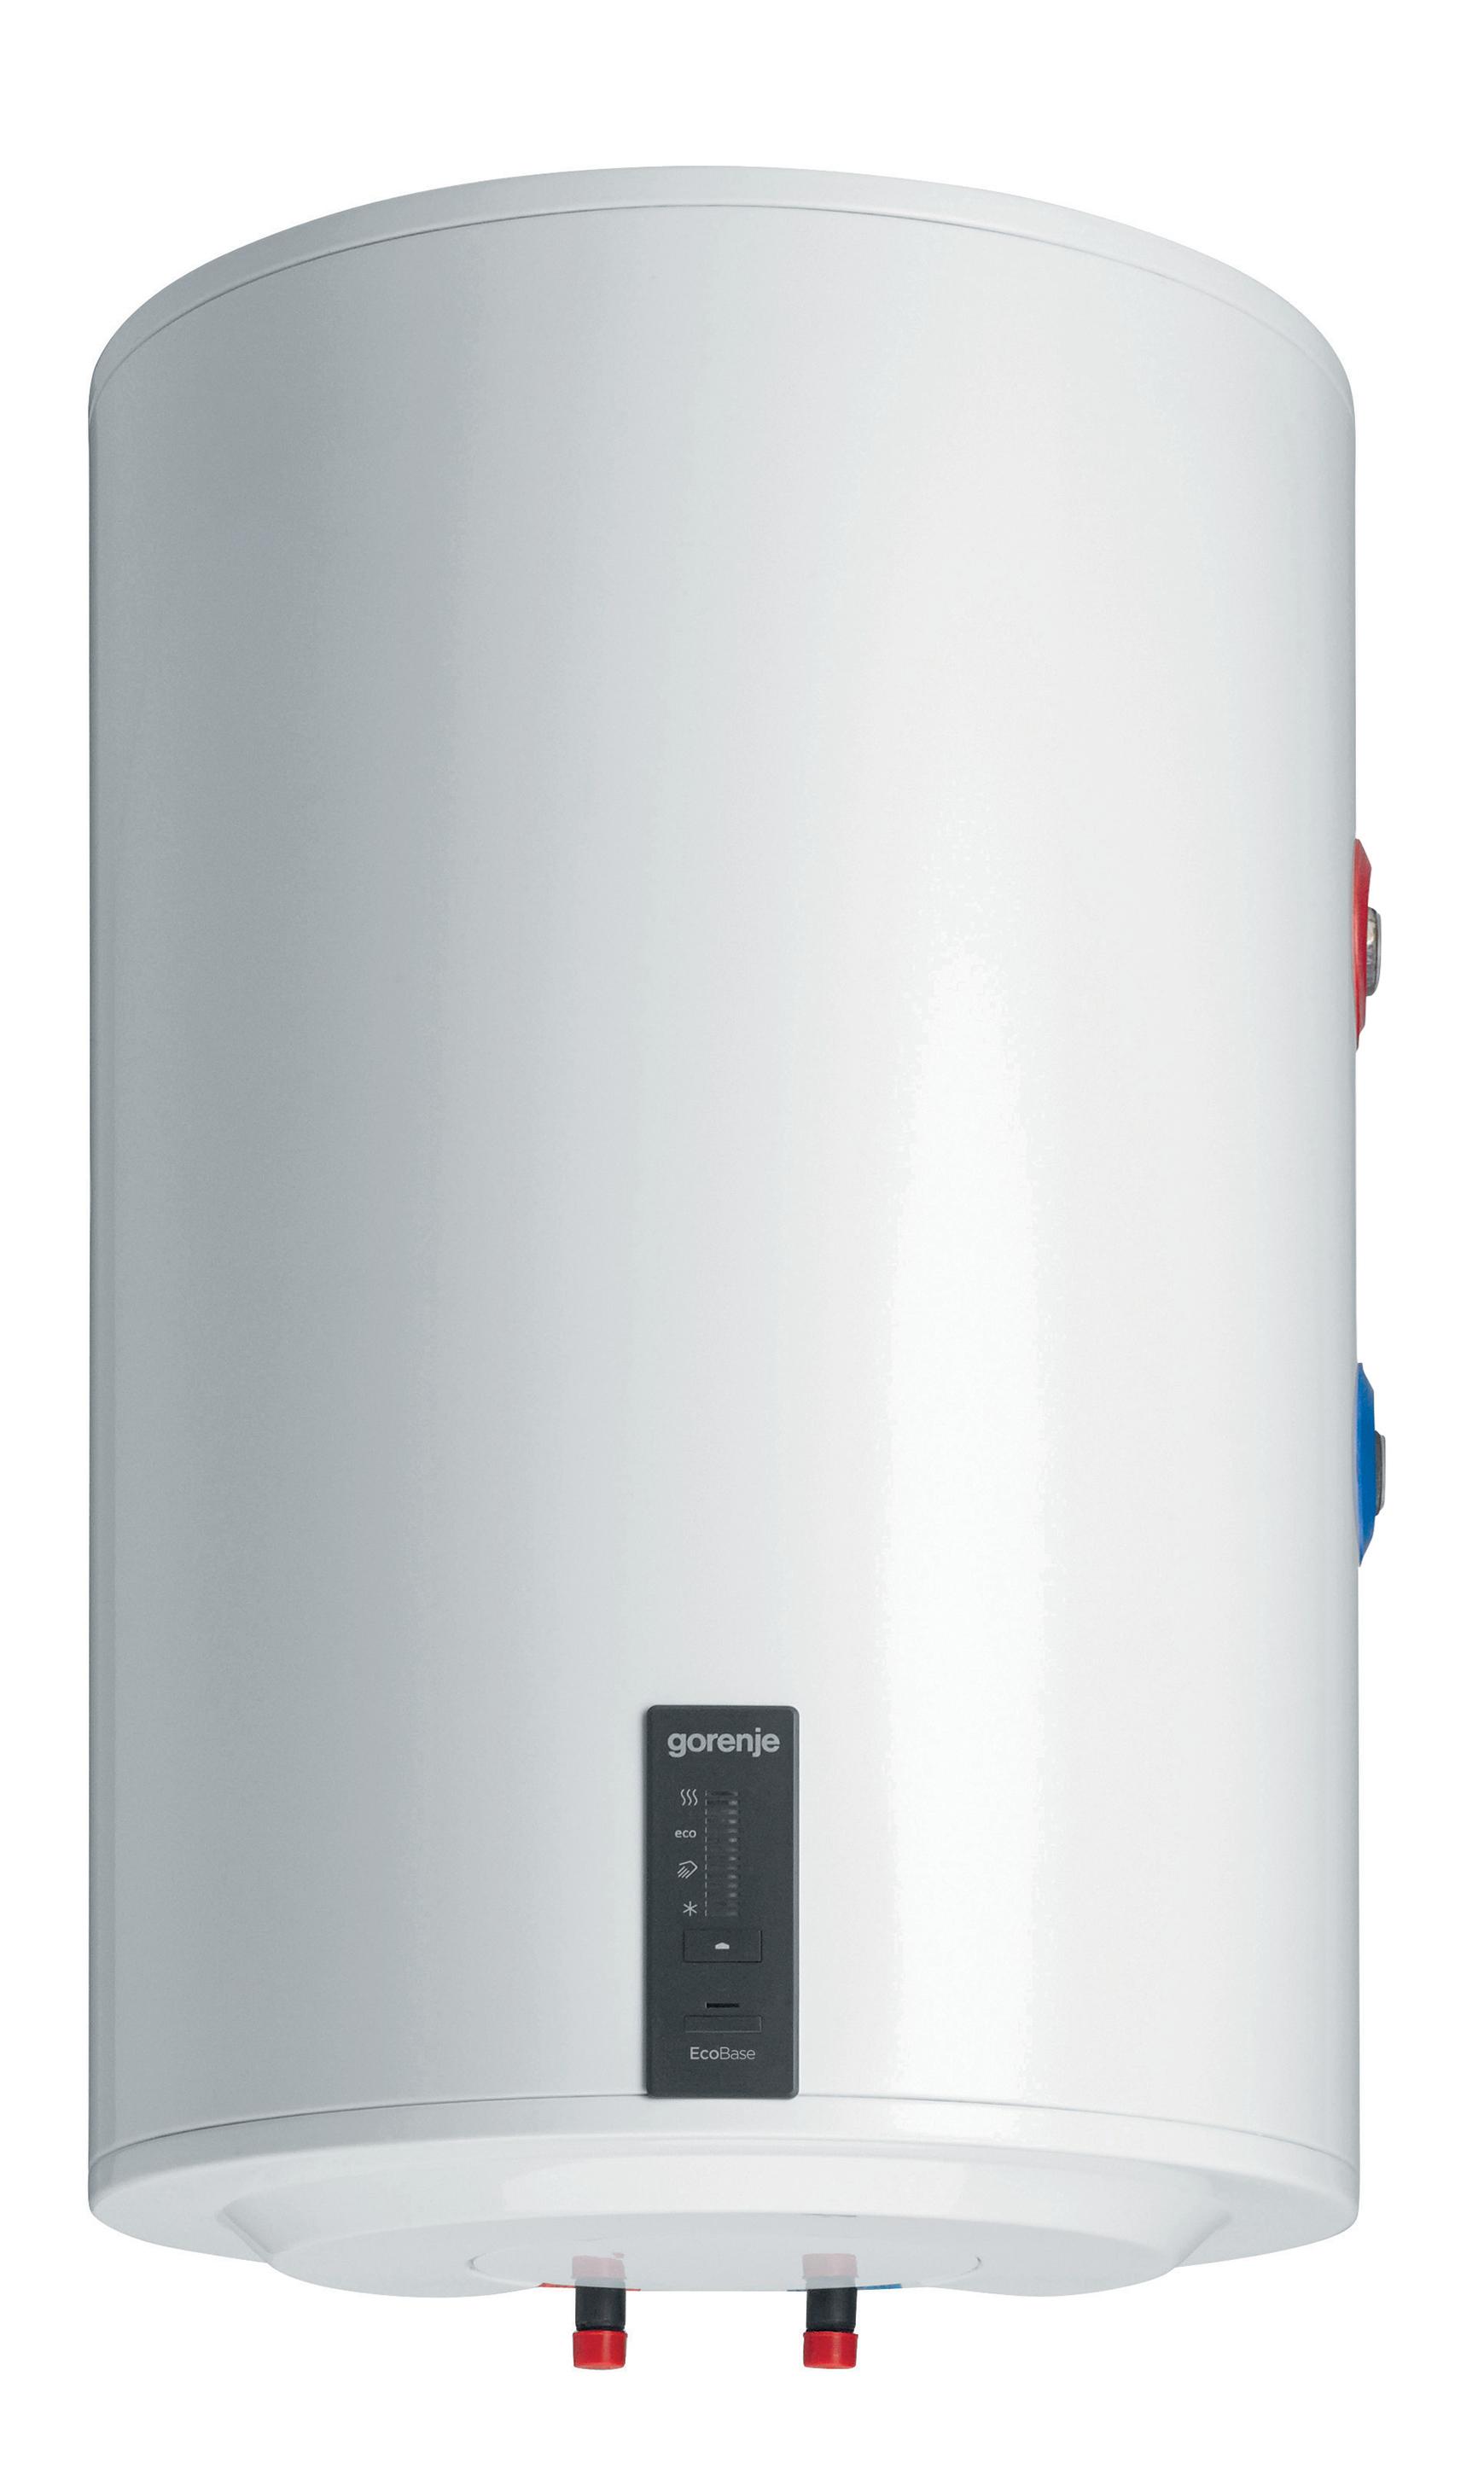 Водонагреватель косвенного нагрева Gorenje GBK200ORRNB6 комбинированный (теплообменник + ТЭН)